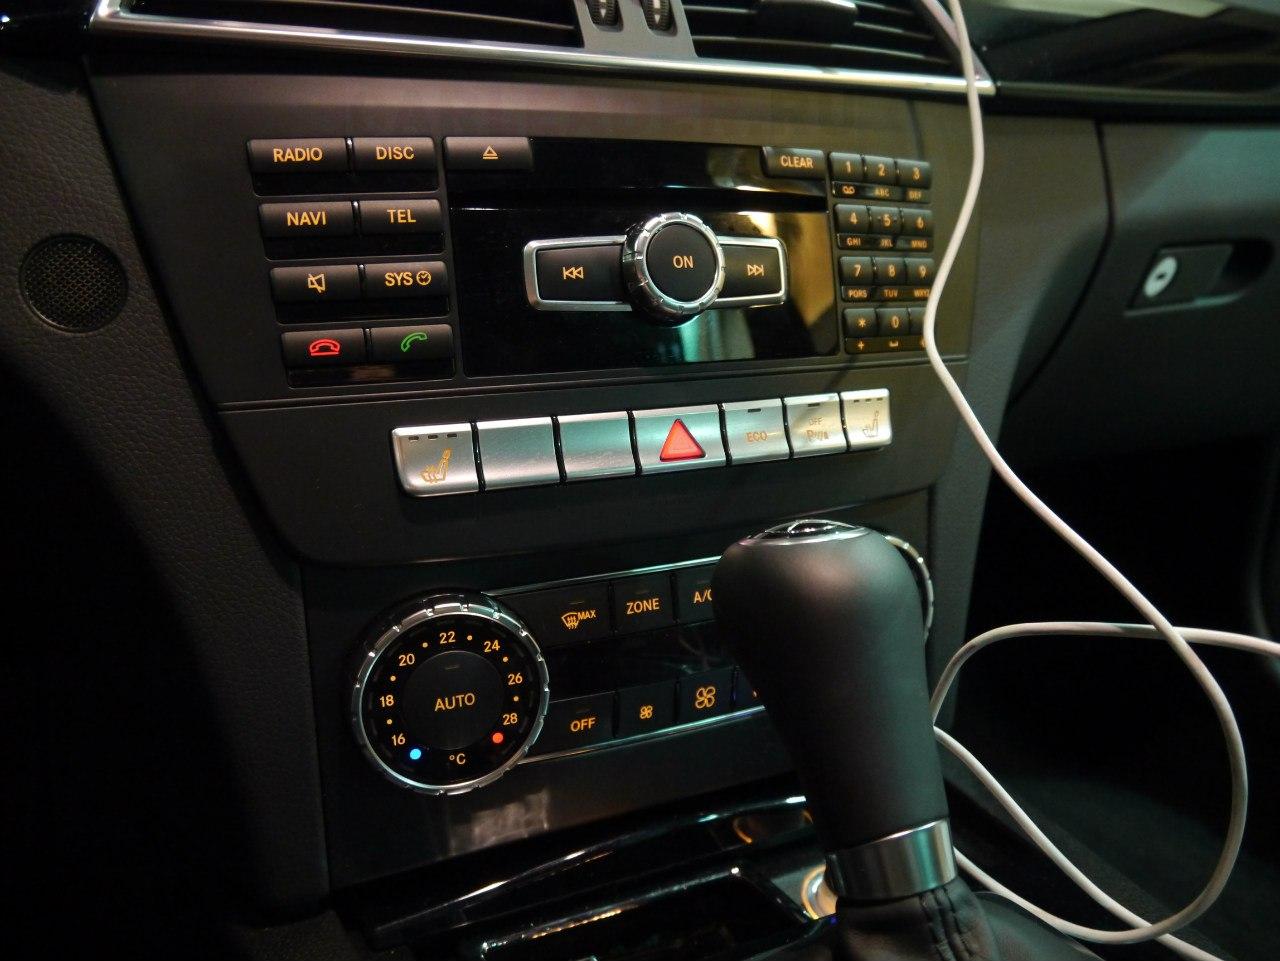 """Олдскульные кнопки делят управление той """"шайбой"""". В итоге получается """"огород"""" в интерфейсе. Куда удобнее лексусовский джойстик, отвечающий ЦЕЛИКОМ за управление медиа-системой."""